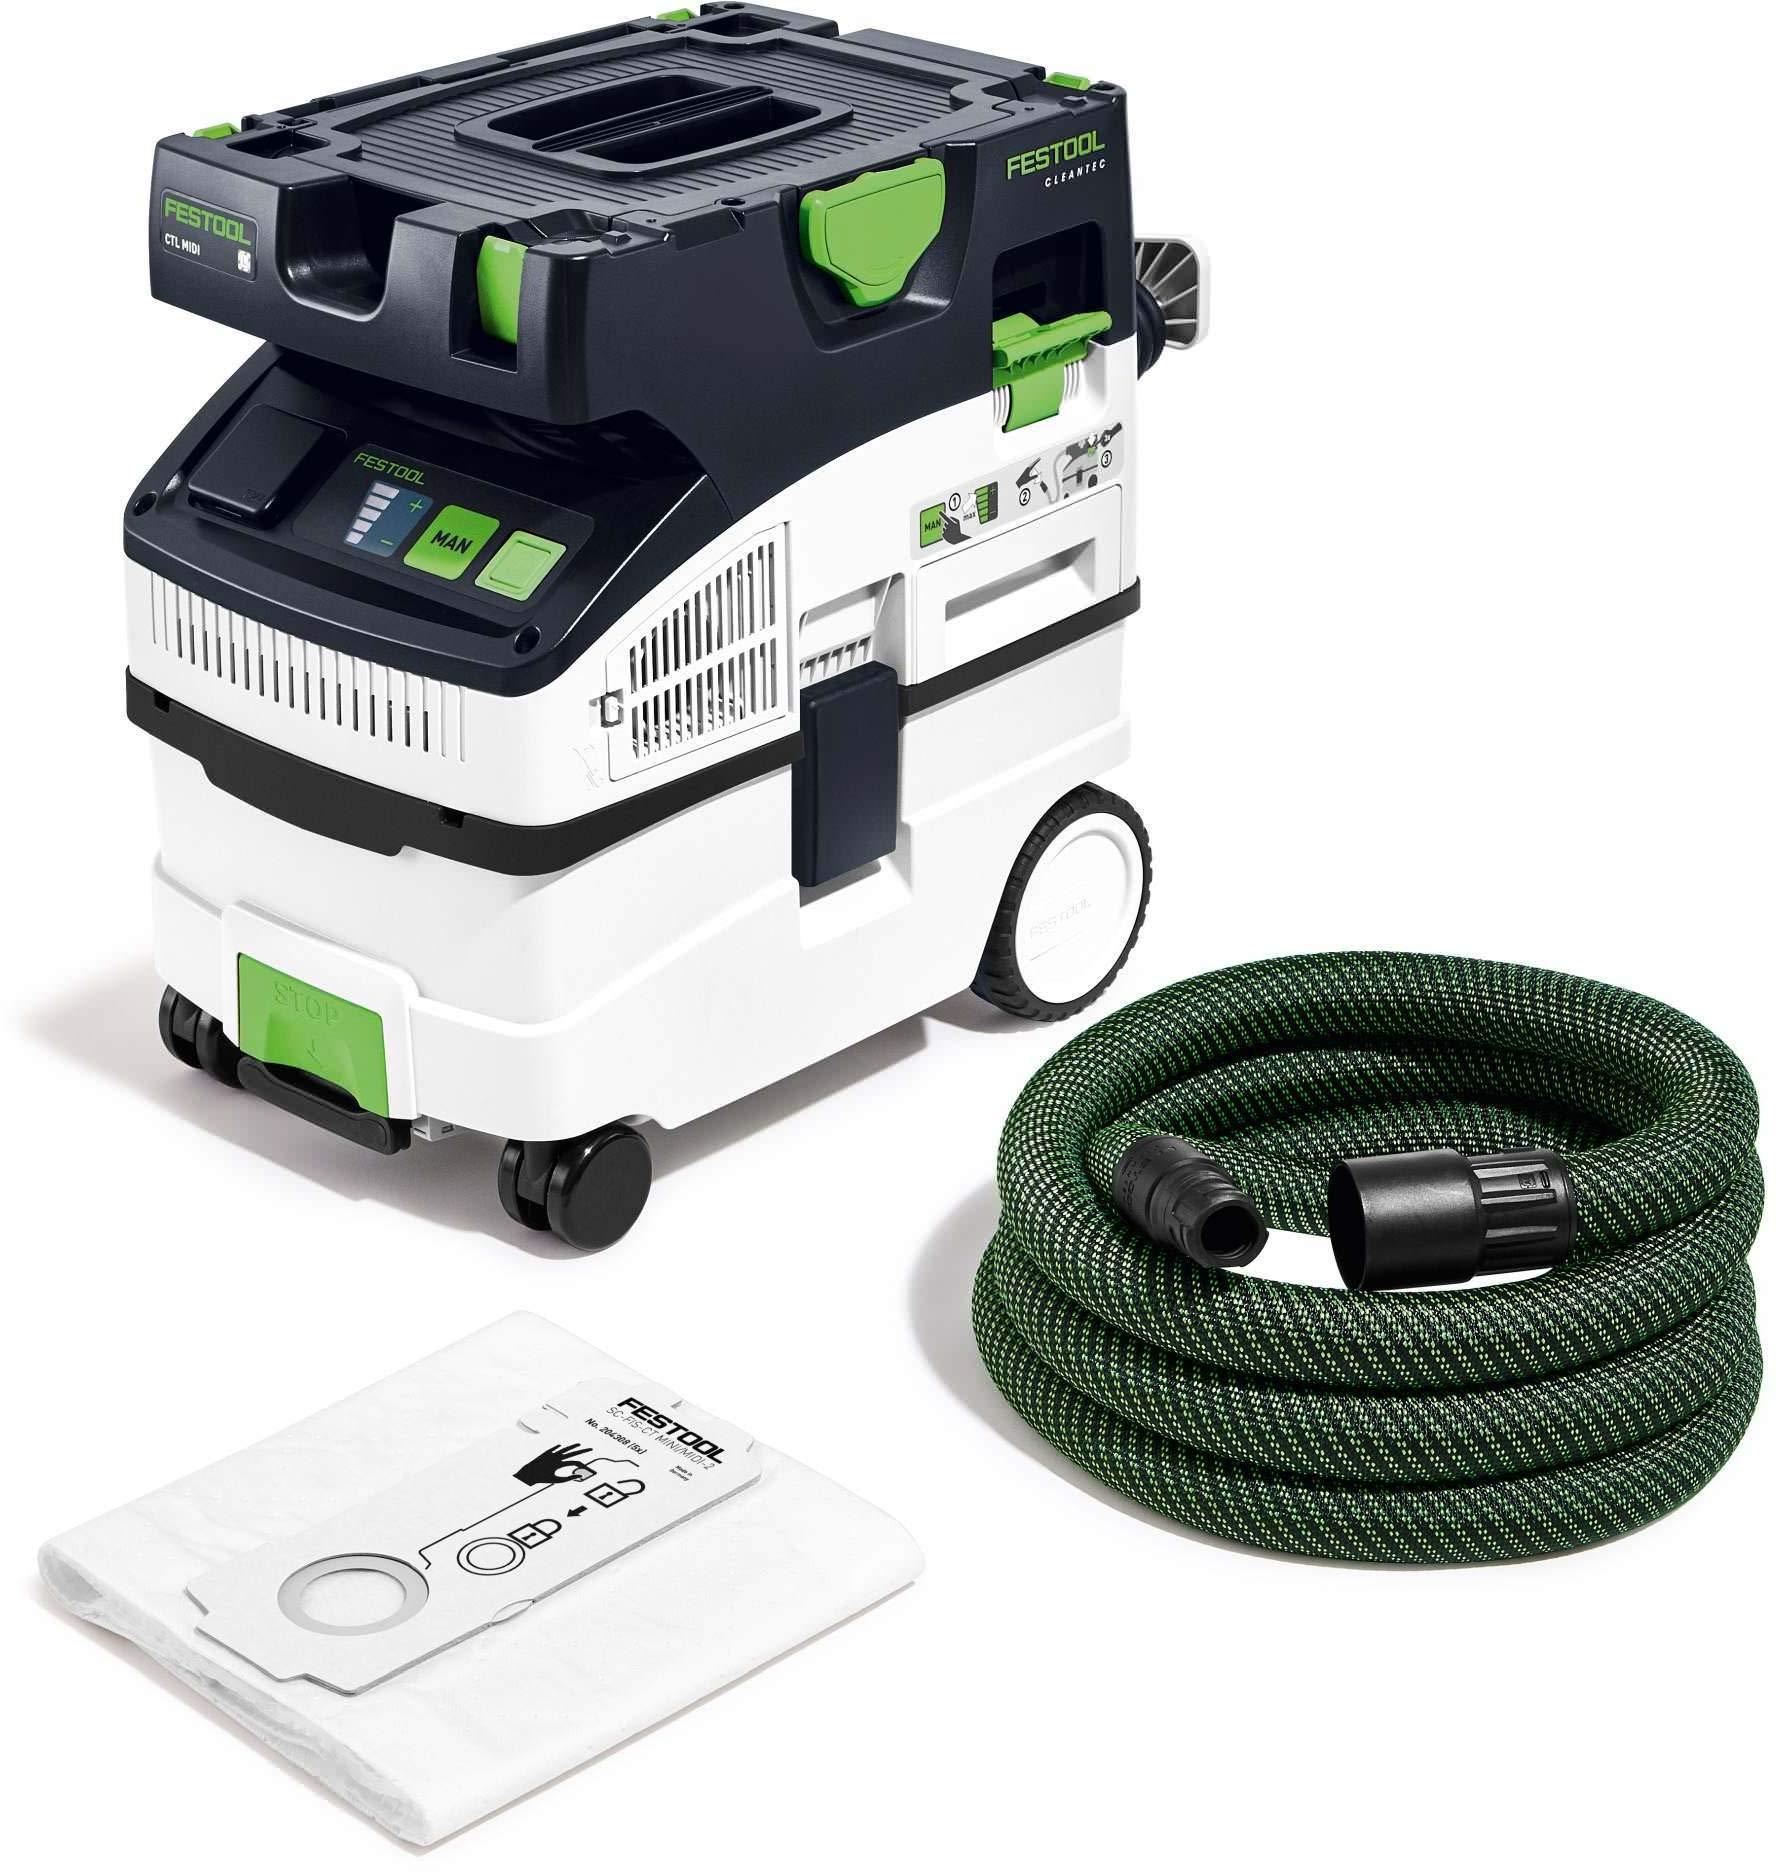 Festool 574837 Midi Bluetooth Extractor